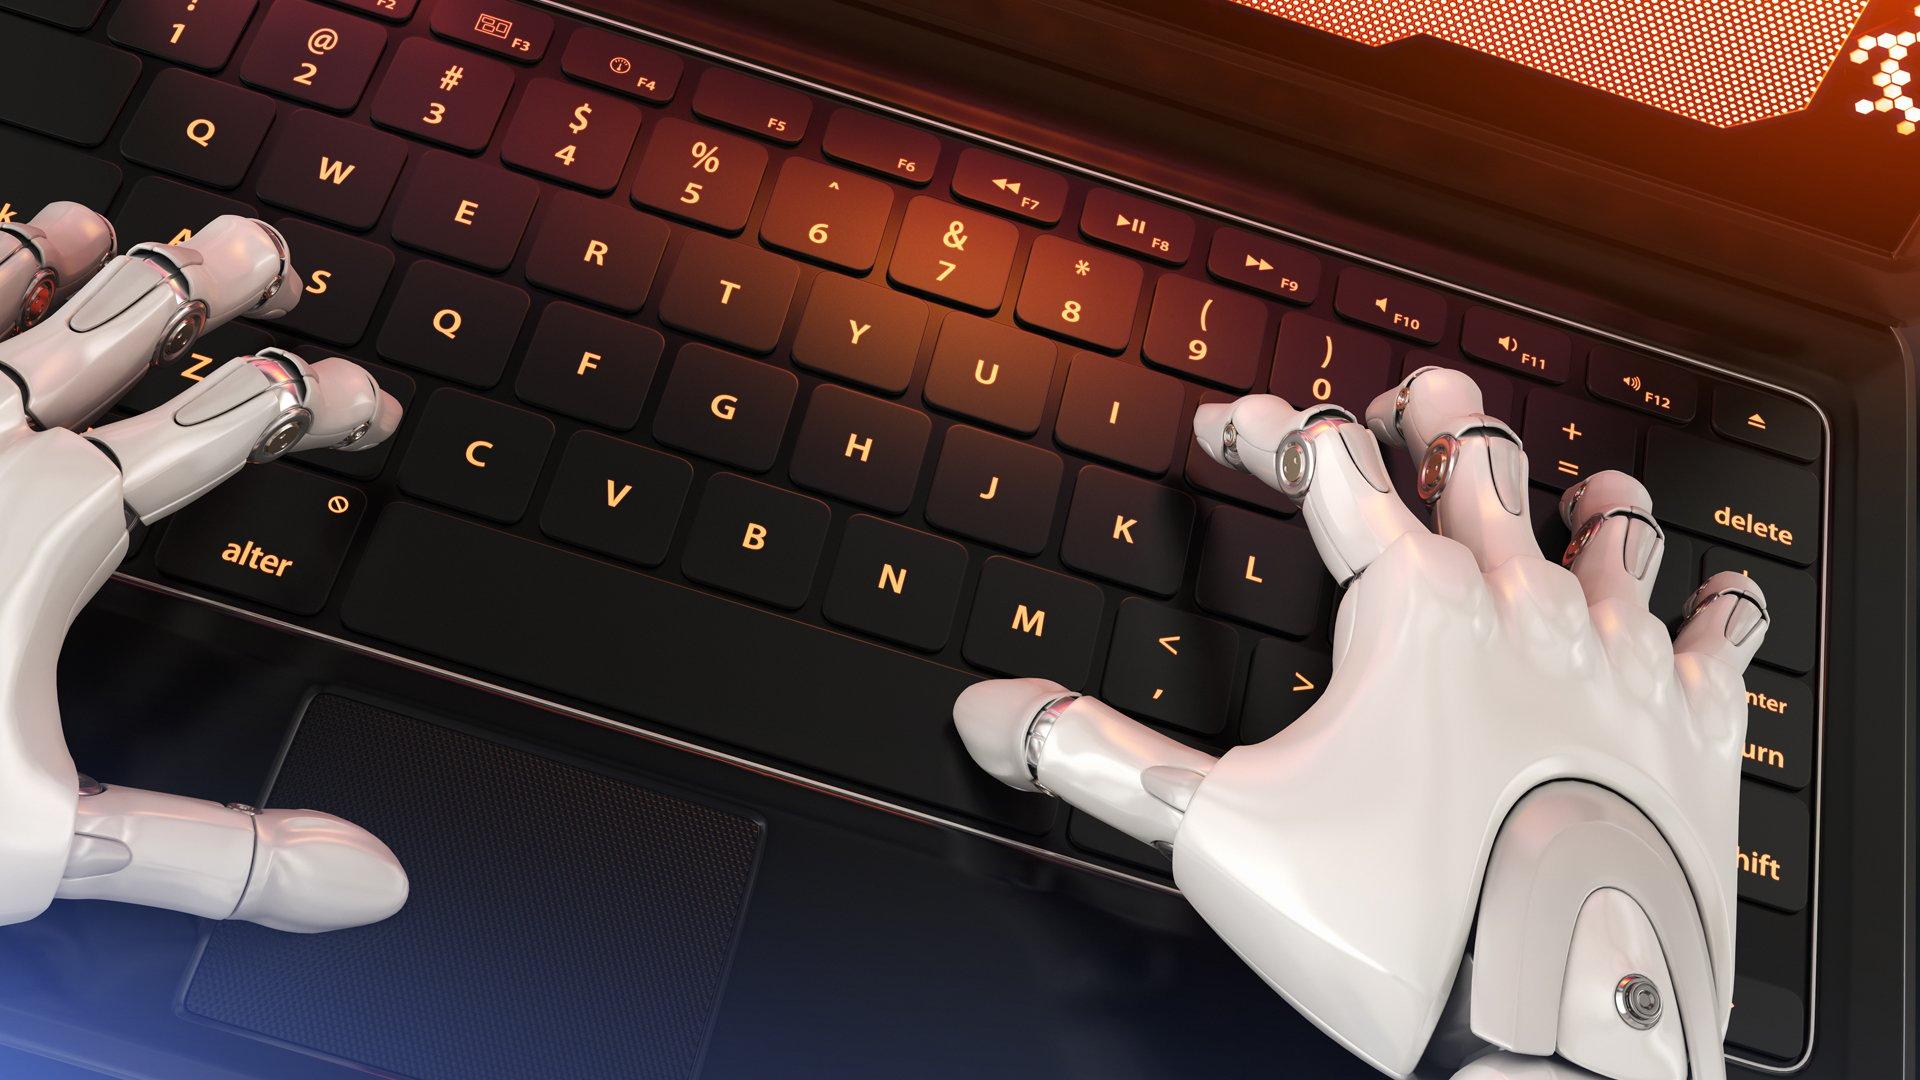 Robot-typing-on-keyboard